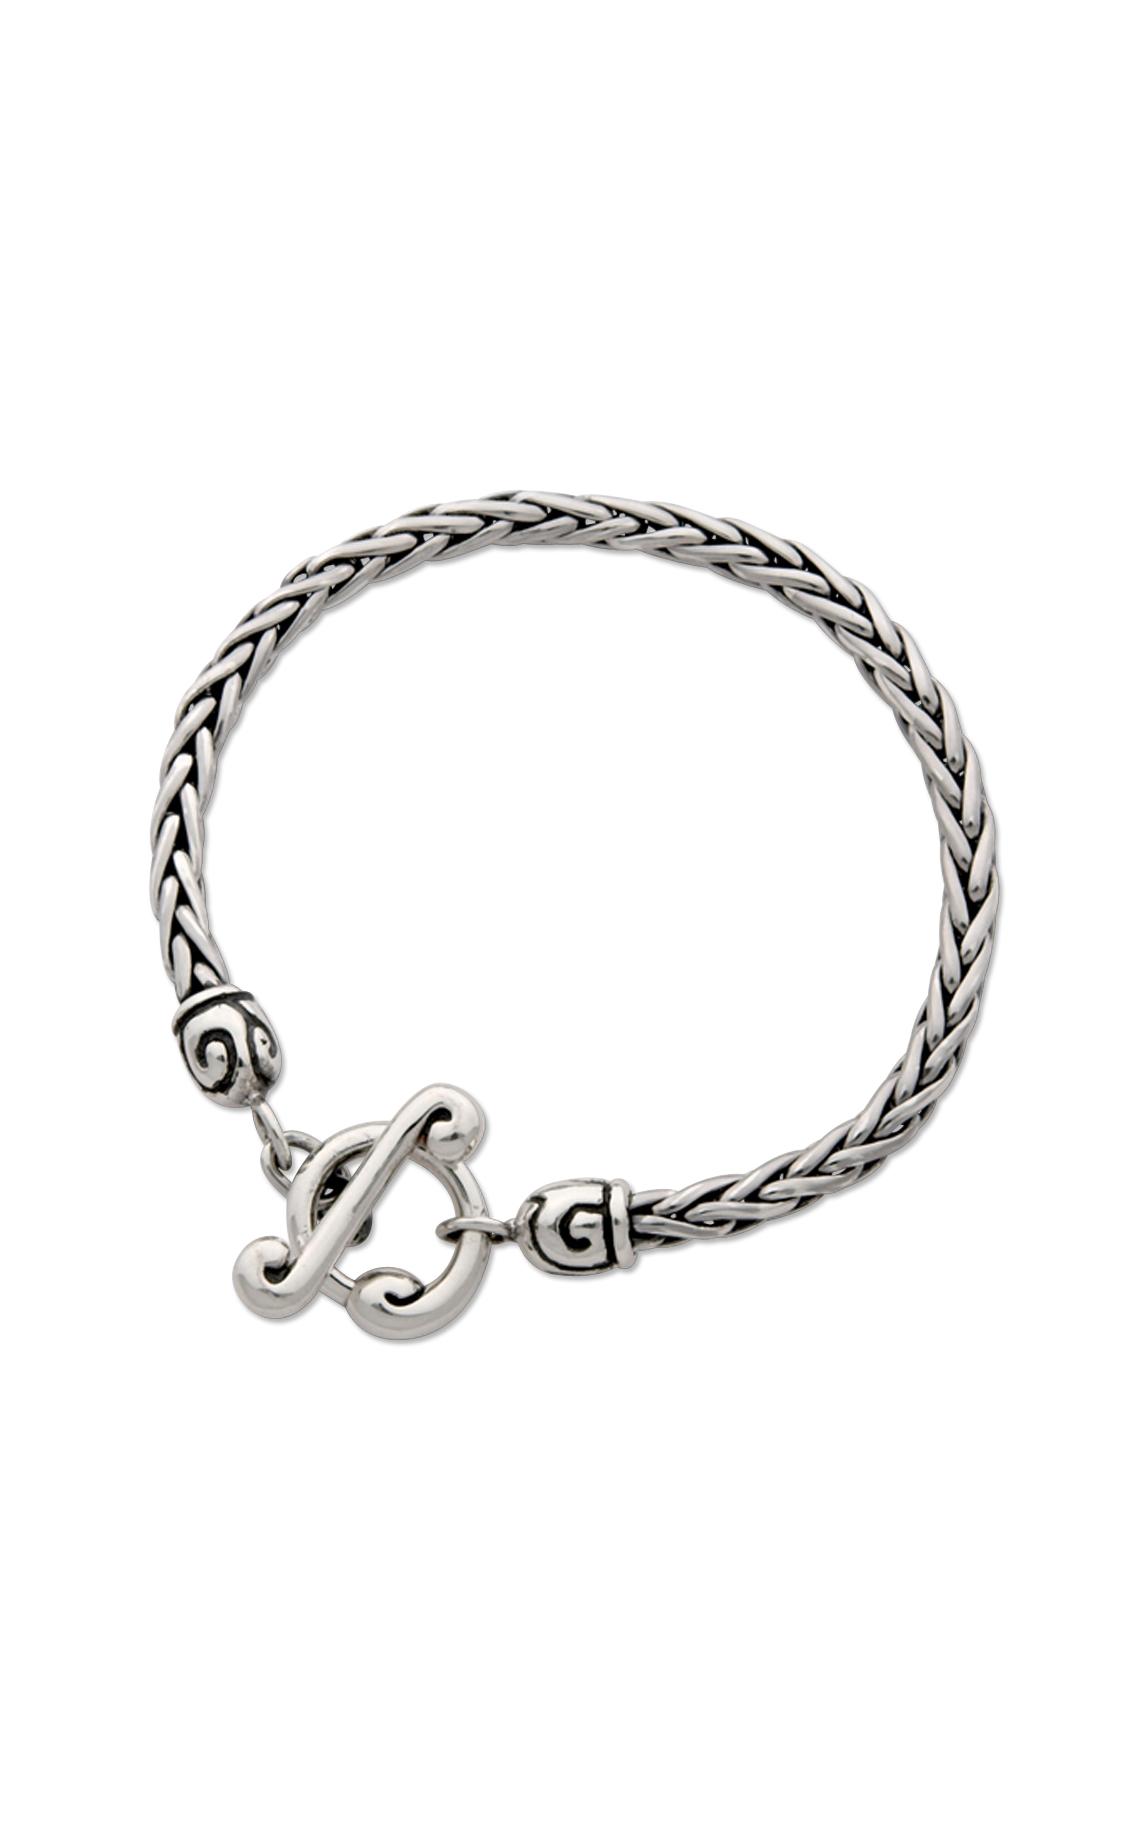 Zina Swirl Bracelet A787-7 product image